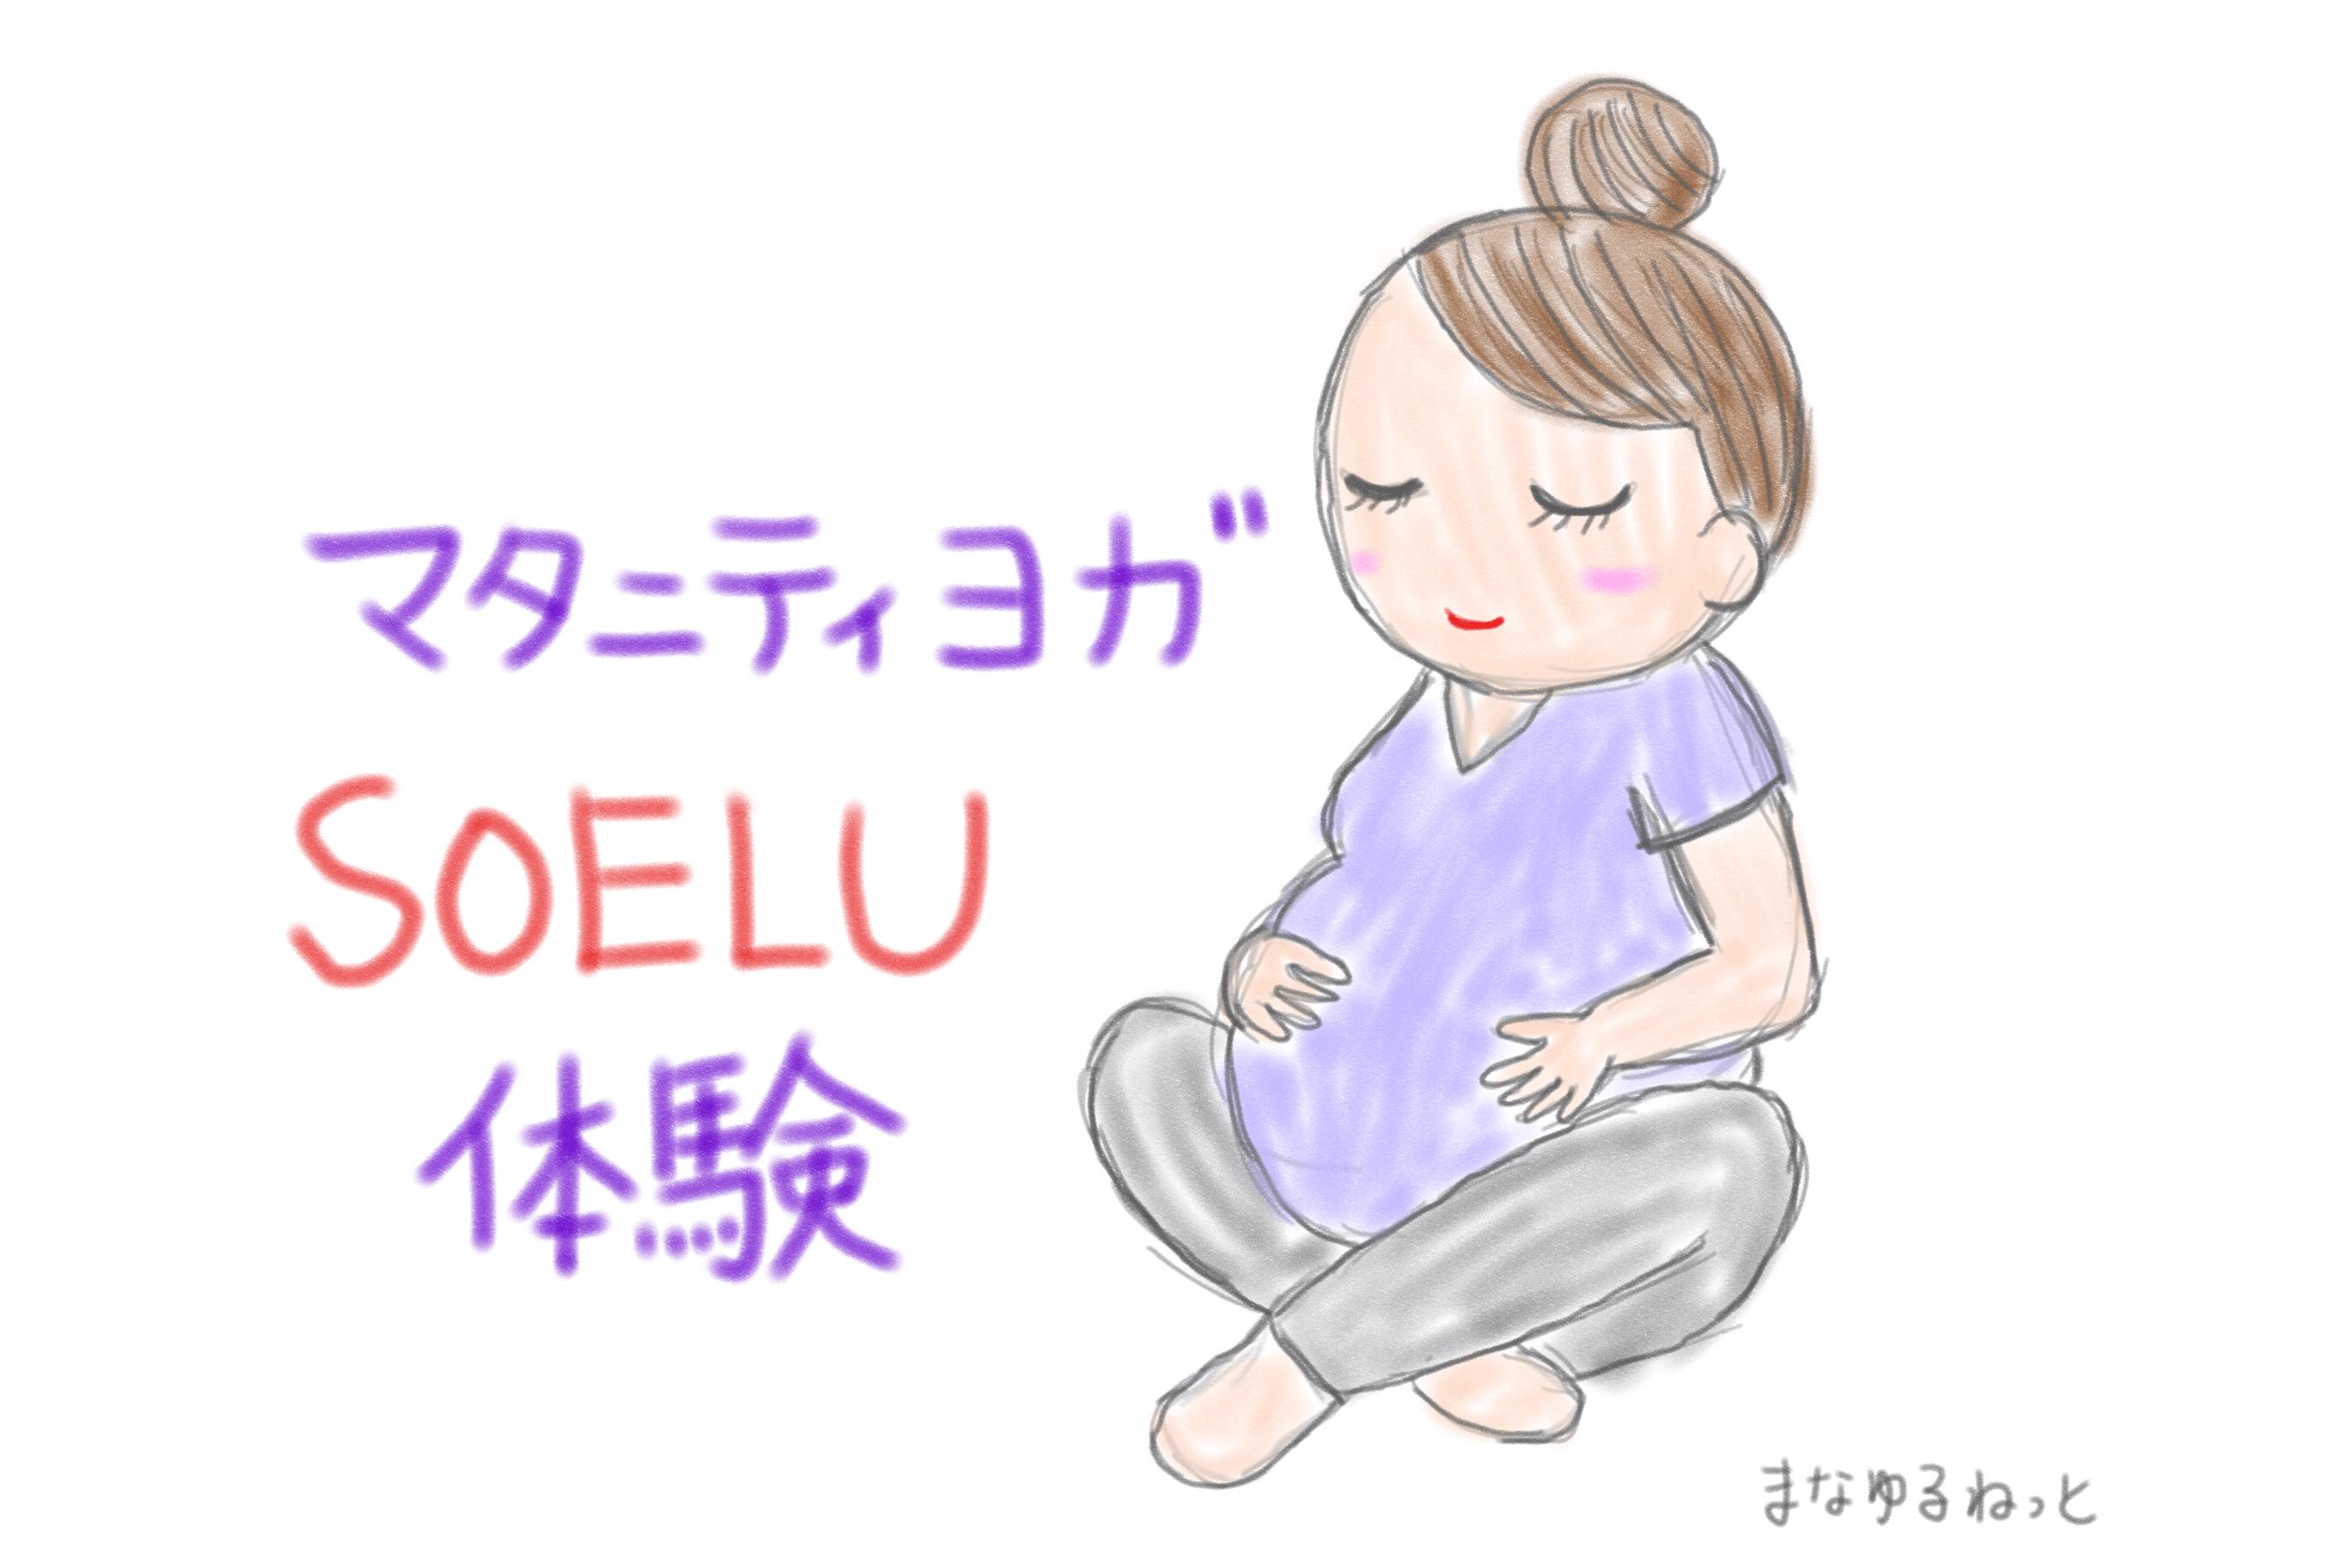 【無料体験あり】妊娠中は自宅でマタニティヨガをしよう!オンラインヨガ「SOELU(ソエル)」の体験方法